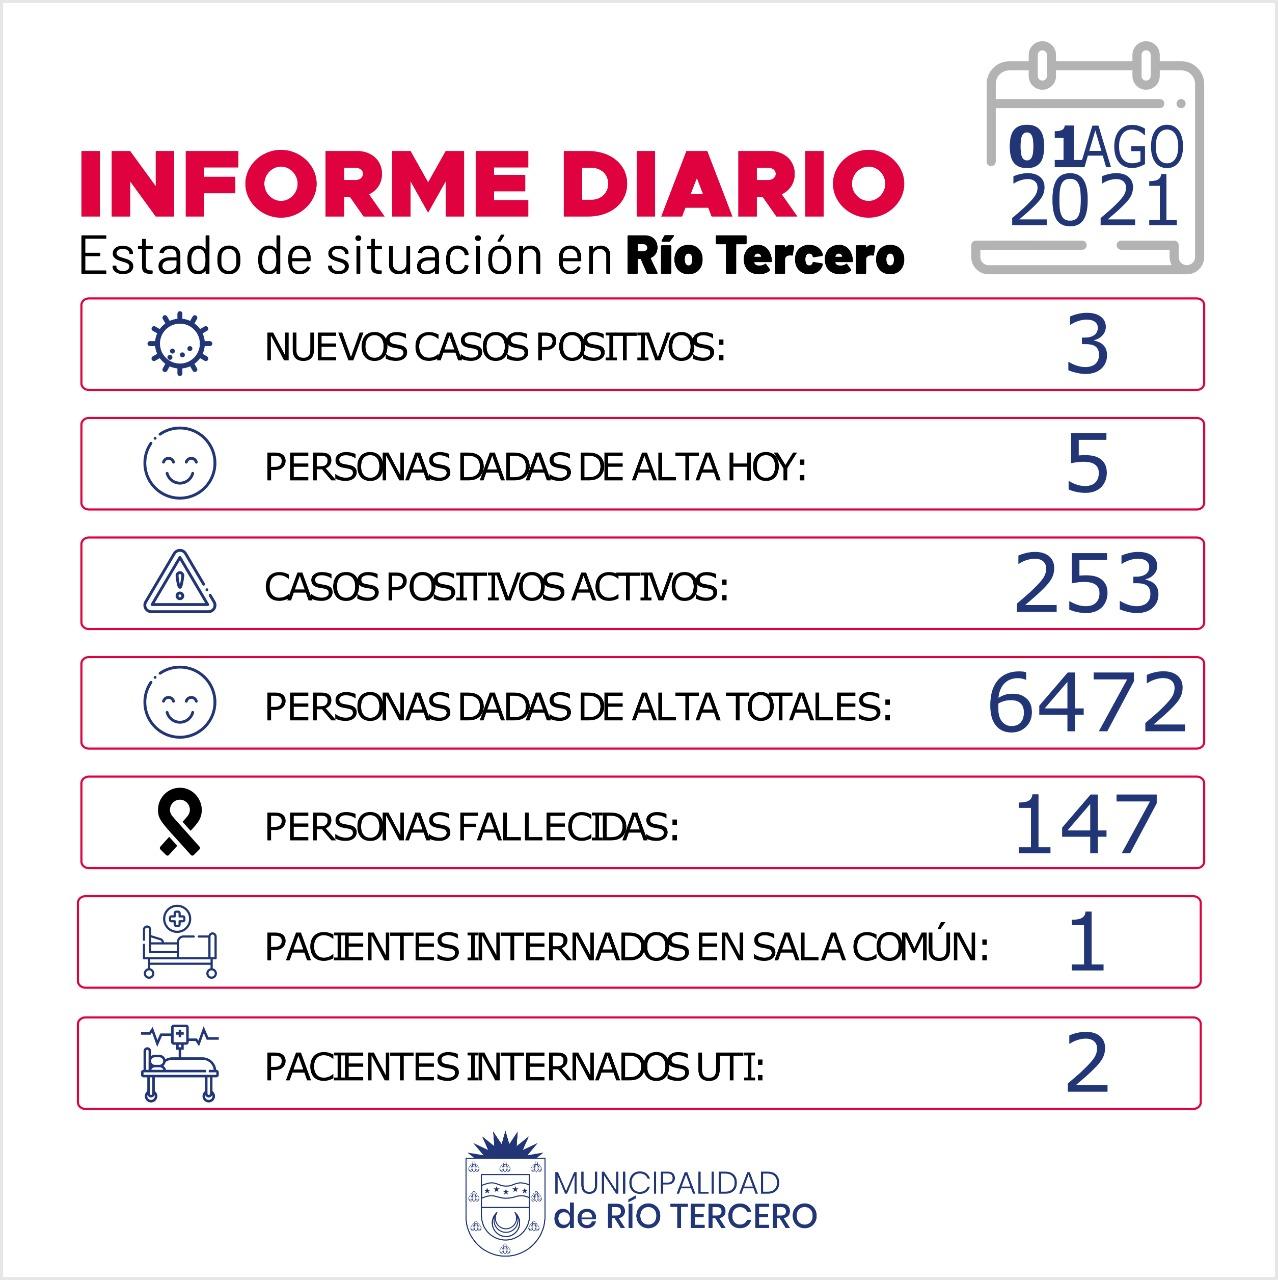 RÍO TERCERO TIENE 253 CASOS ACTIVOS: HOY SE REGISTRARON 3 NUEVOS CASOS